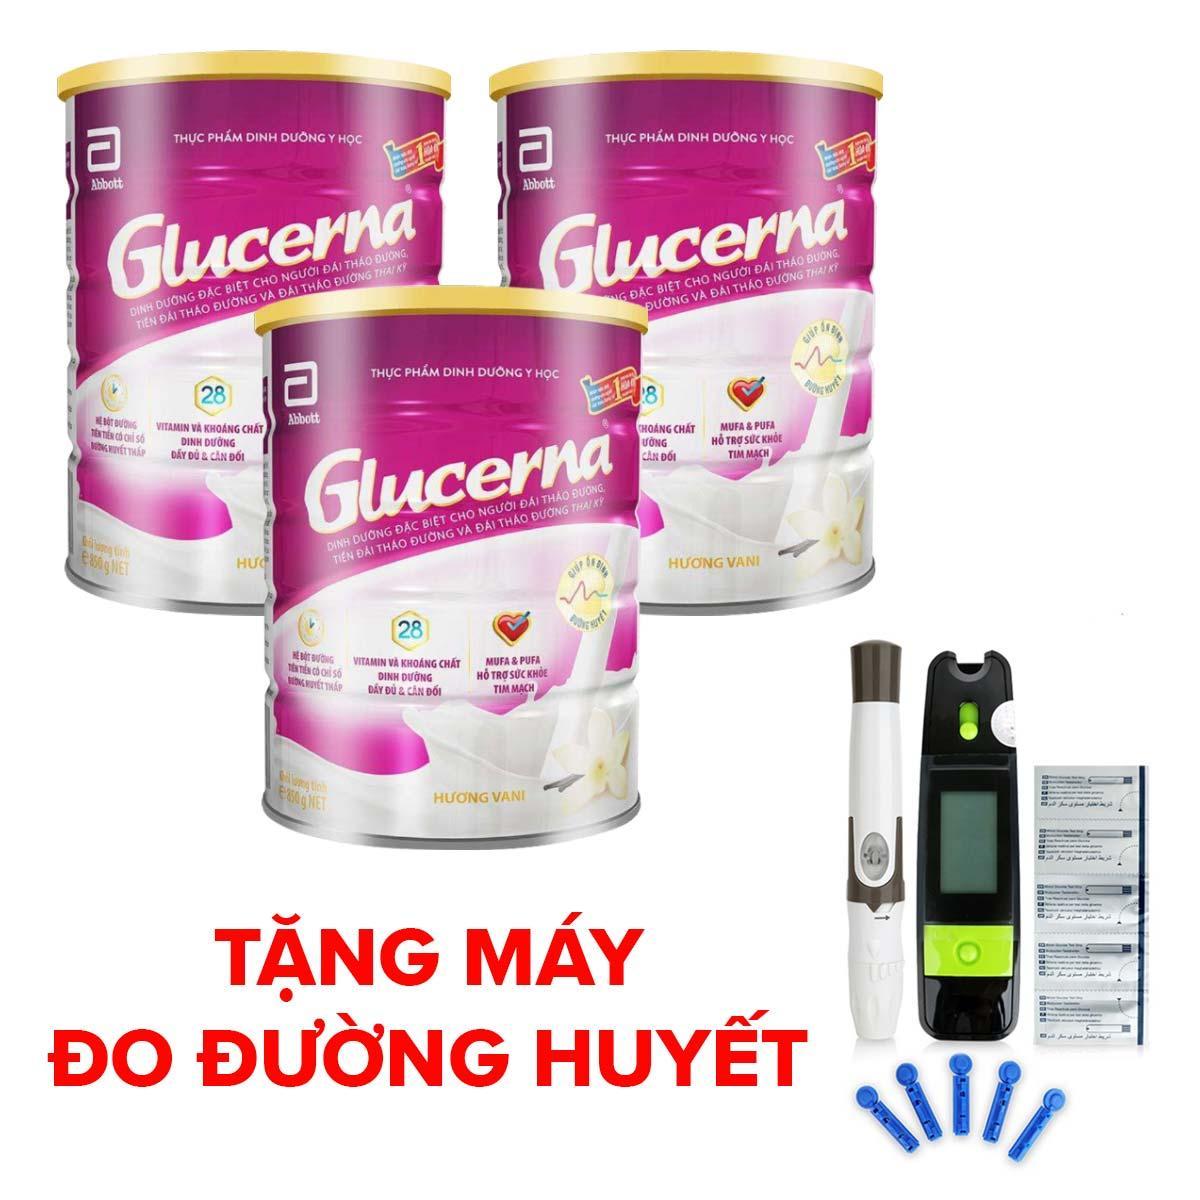 Bộ 3 lon sữa bột Glucerna Hương Vani 850g Tặng Máy đo đường huyết